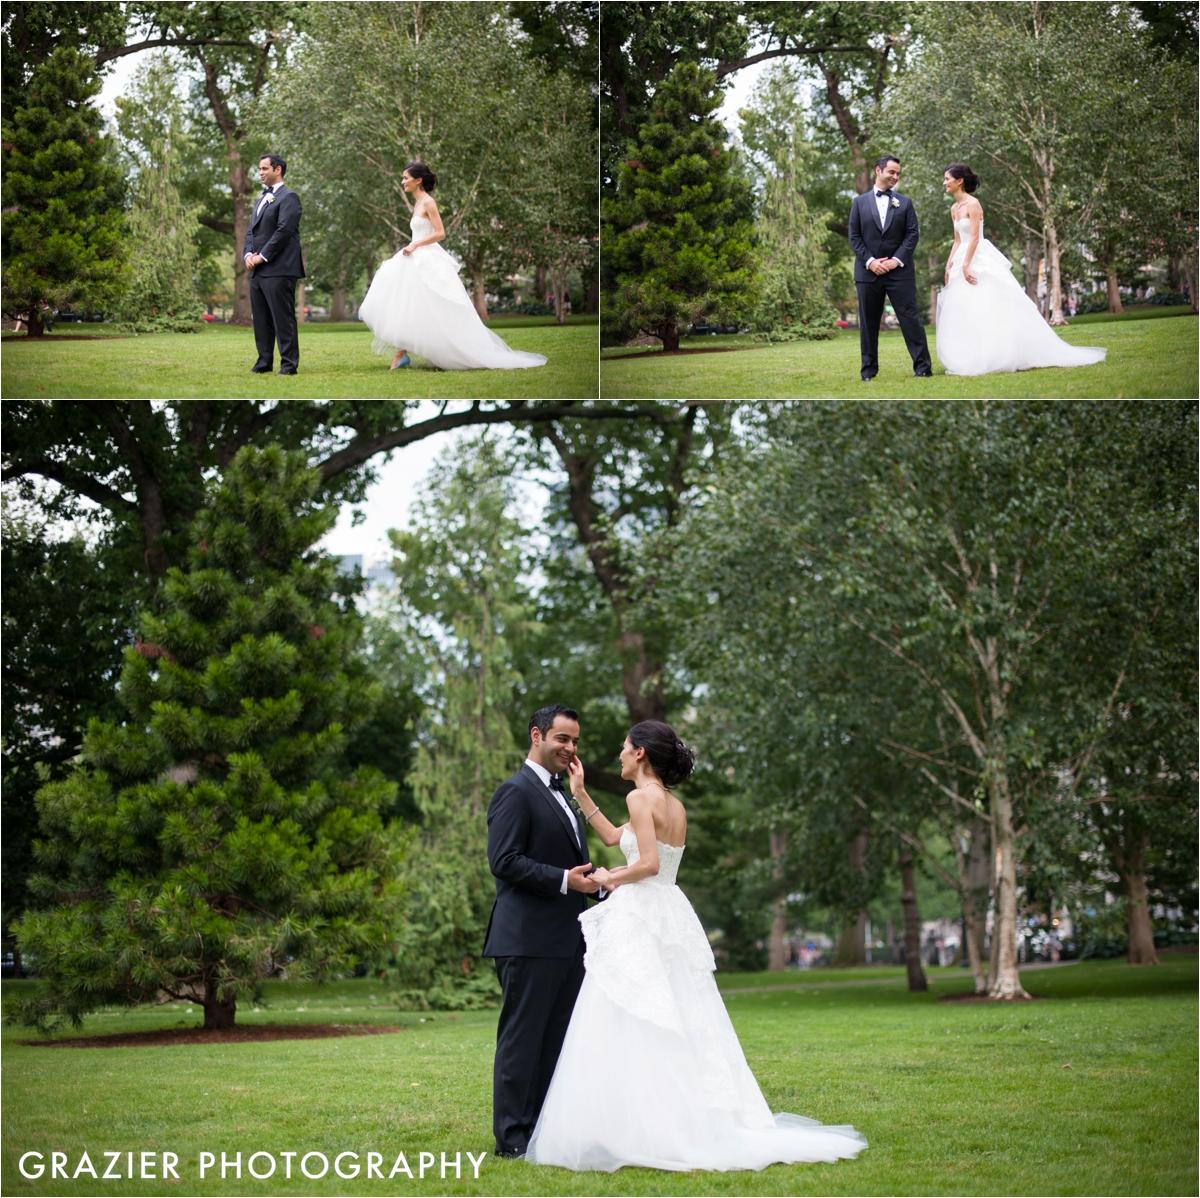 Wedding-First-Look-Grazier-Photography-WEB_0017.jpg